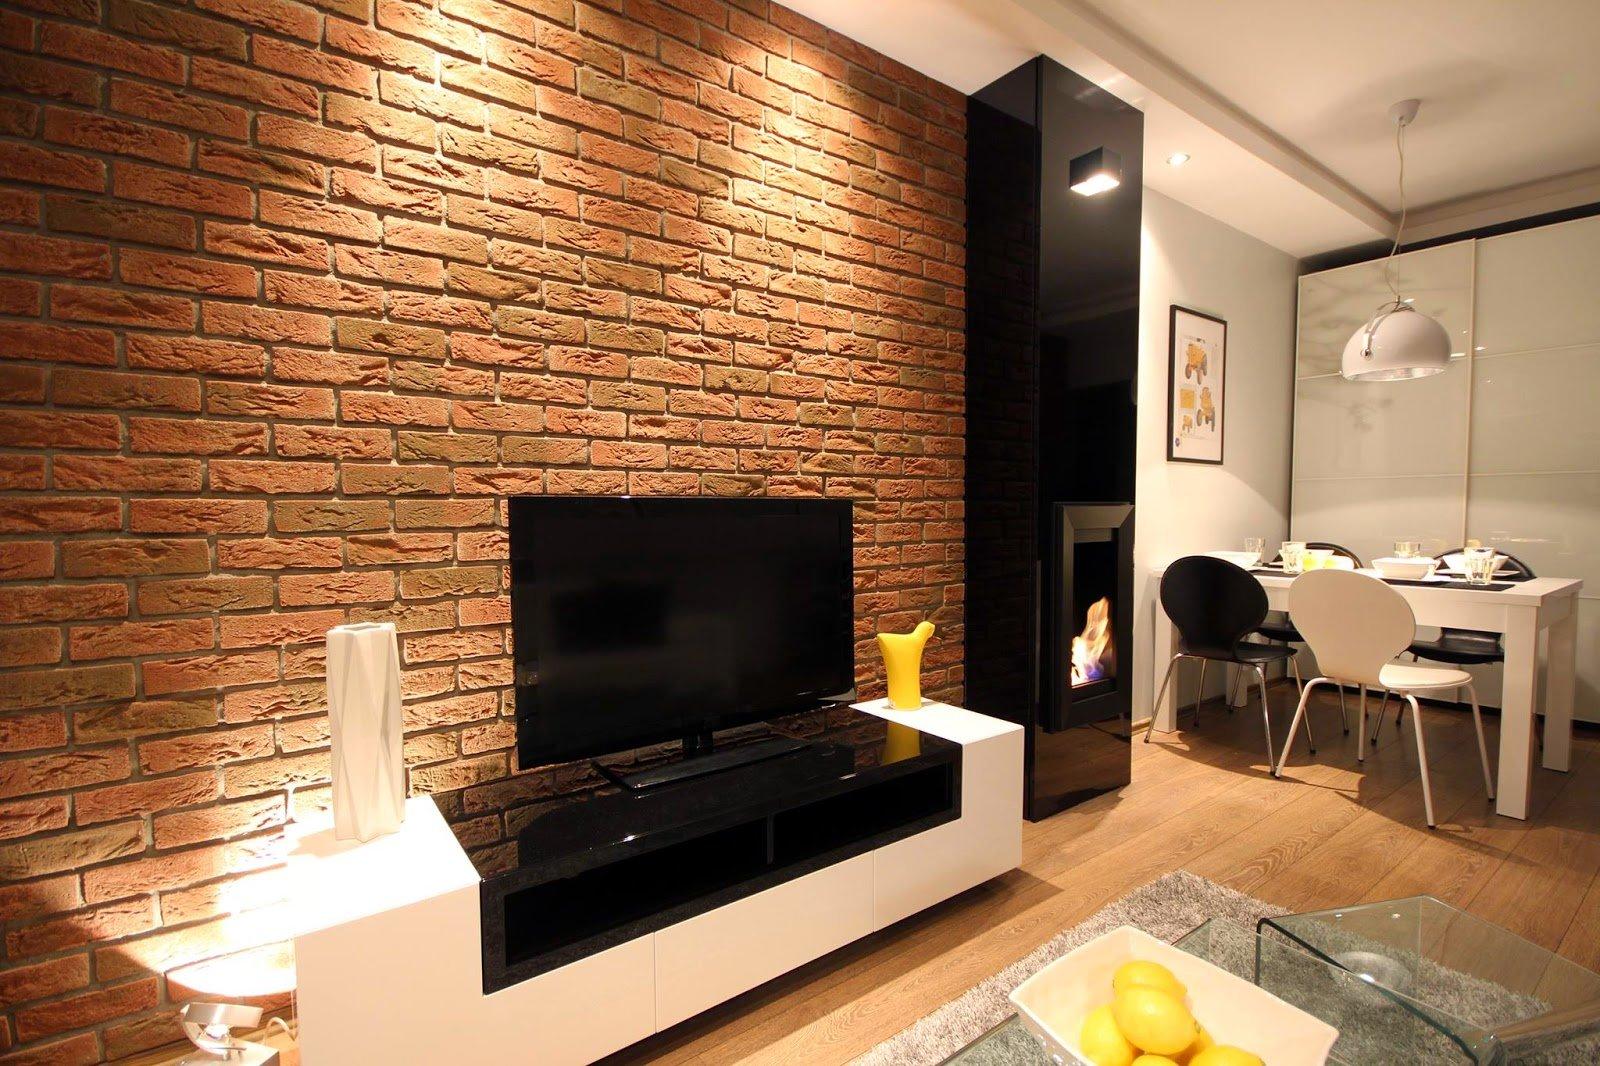 Использование декоративного кирпича в интерьере квартиры фото